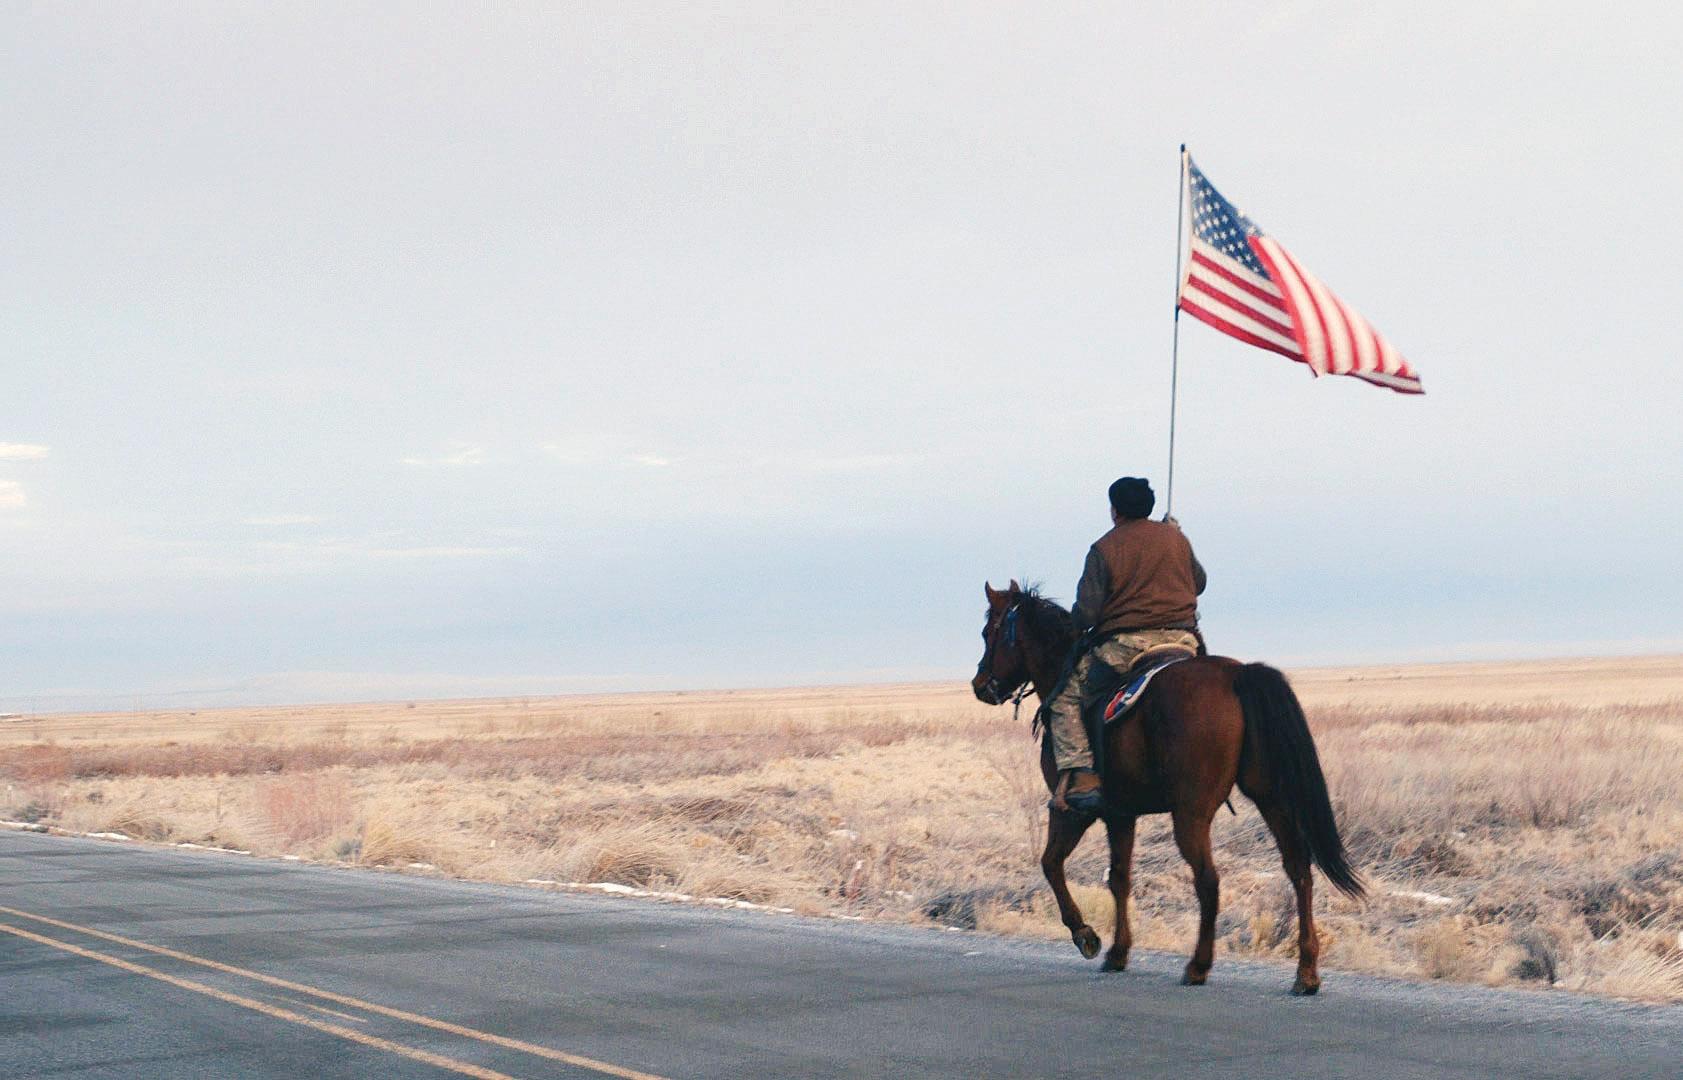 nomansland_01_man_on_horse